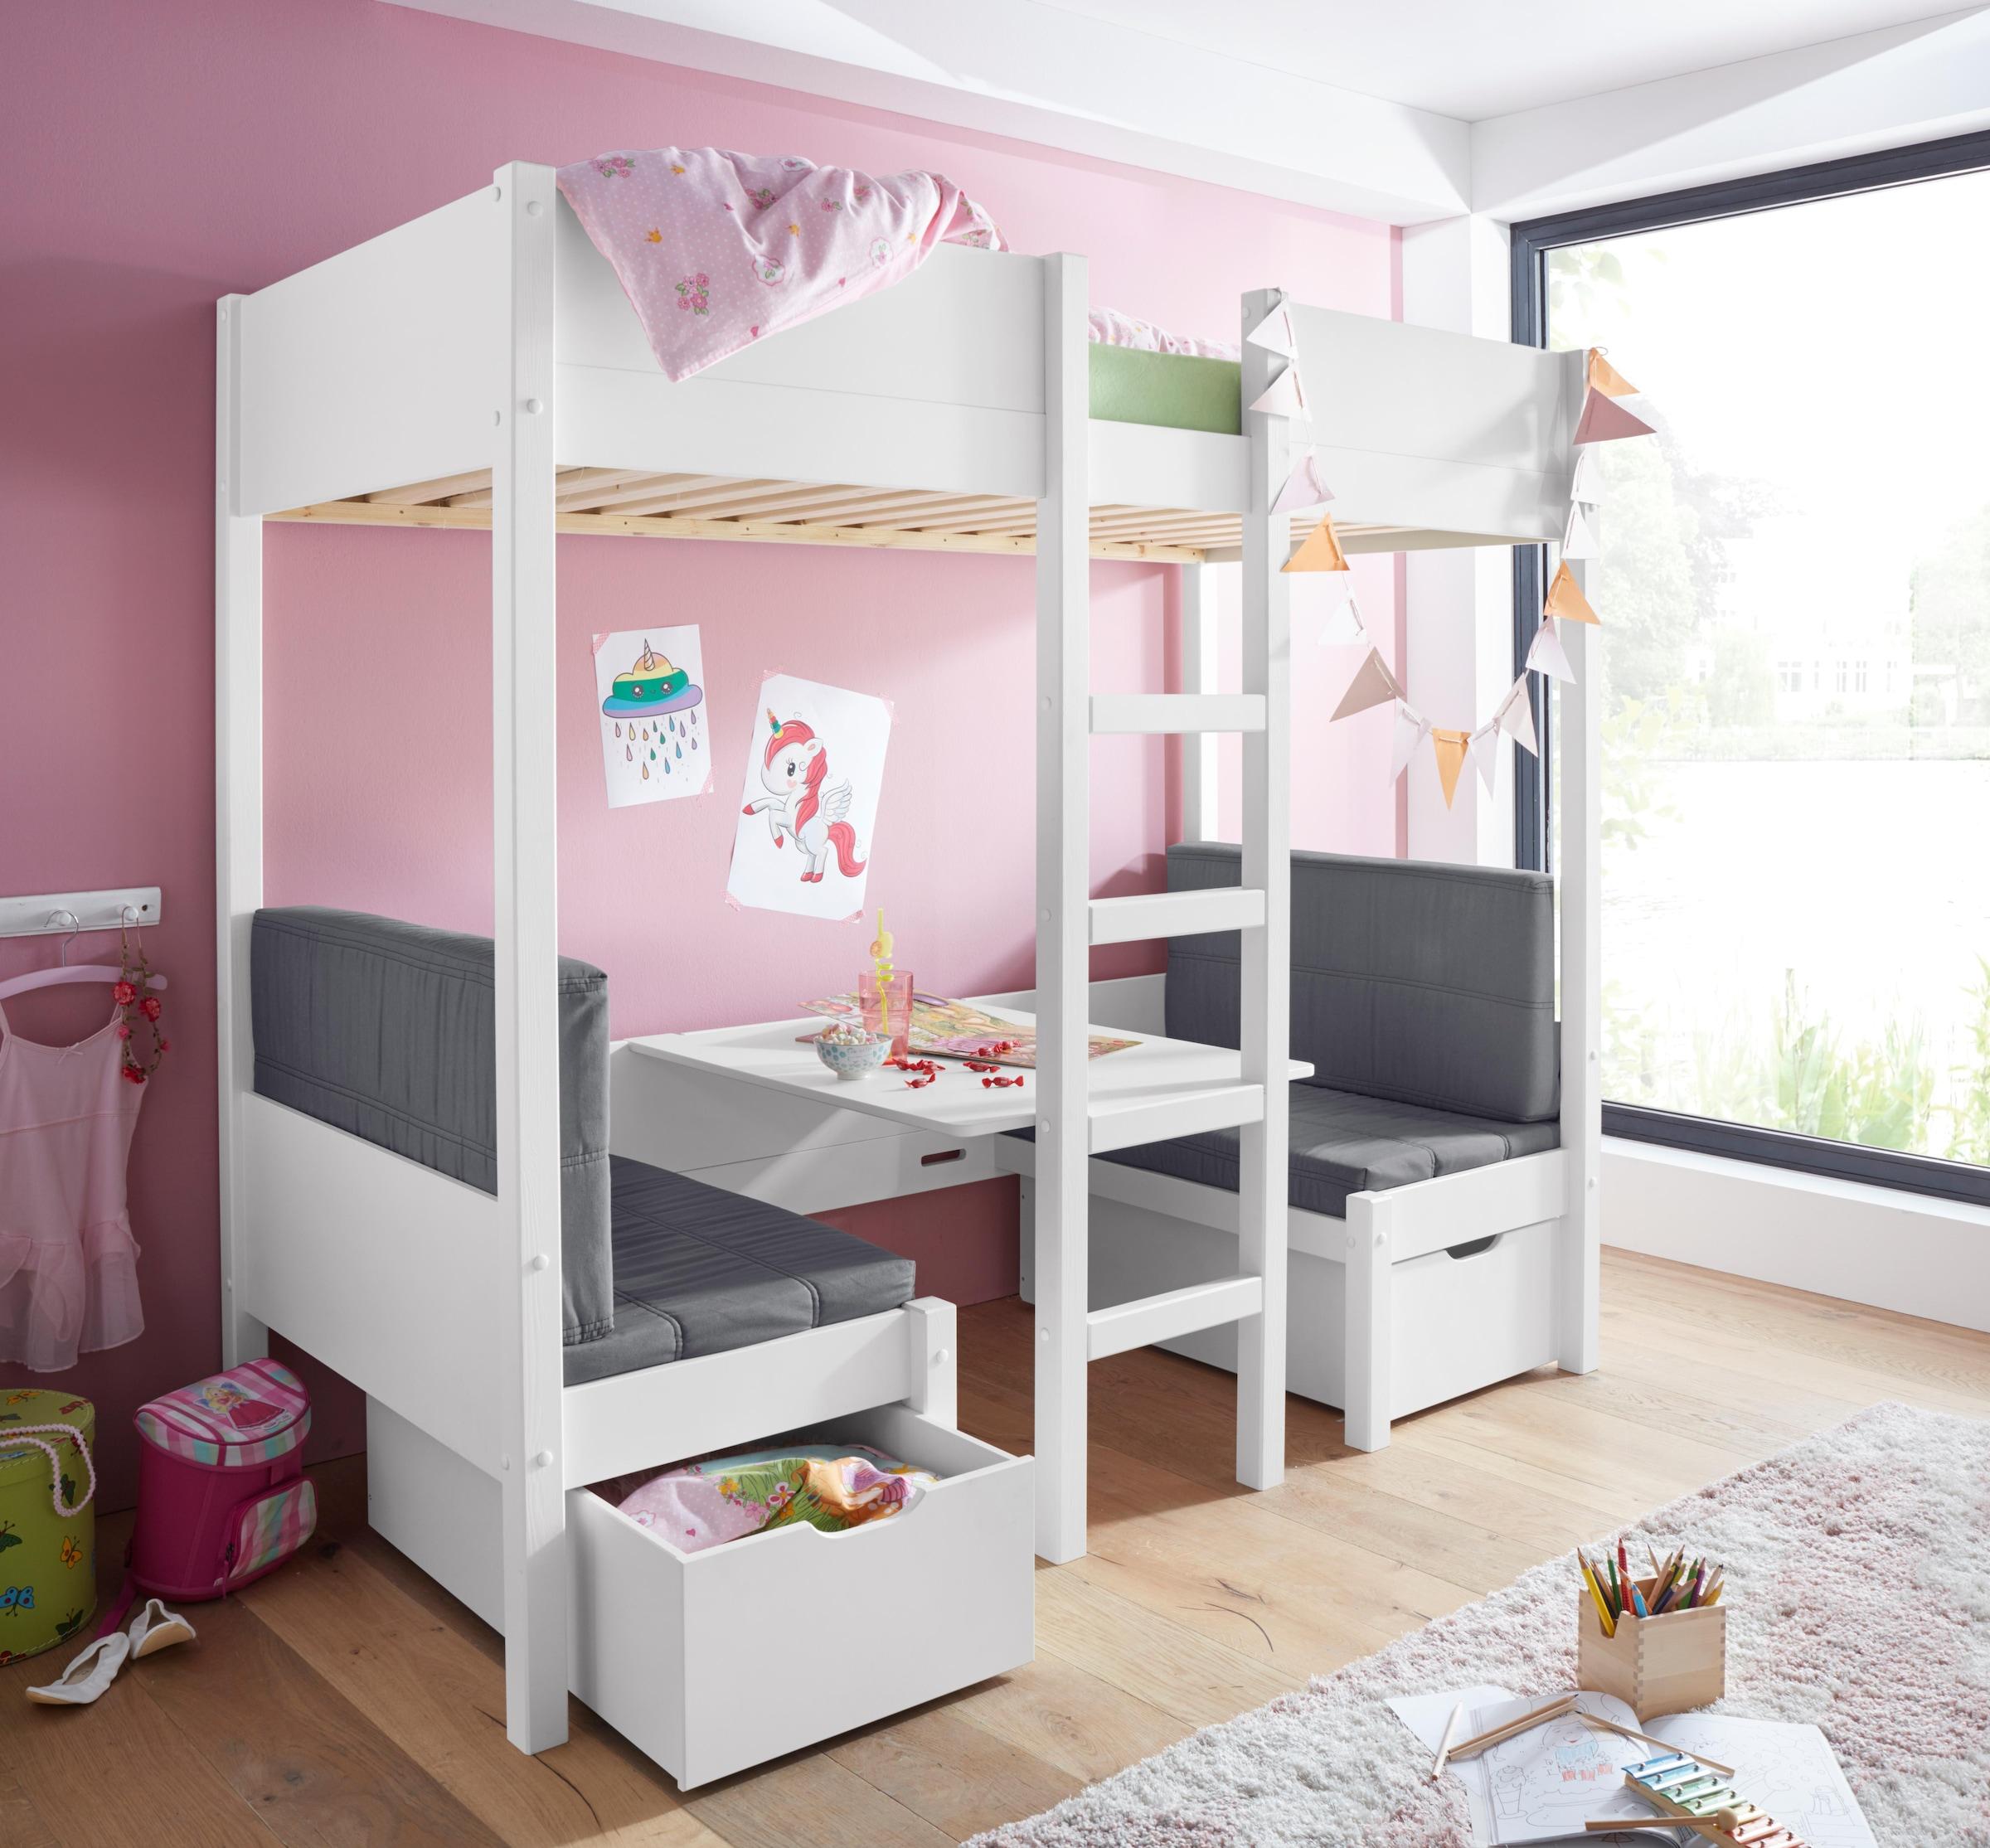 Etagenbett Mit Integriertem Schrank : Baur hochbett hochbetten mit rutsche und andere hoch